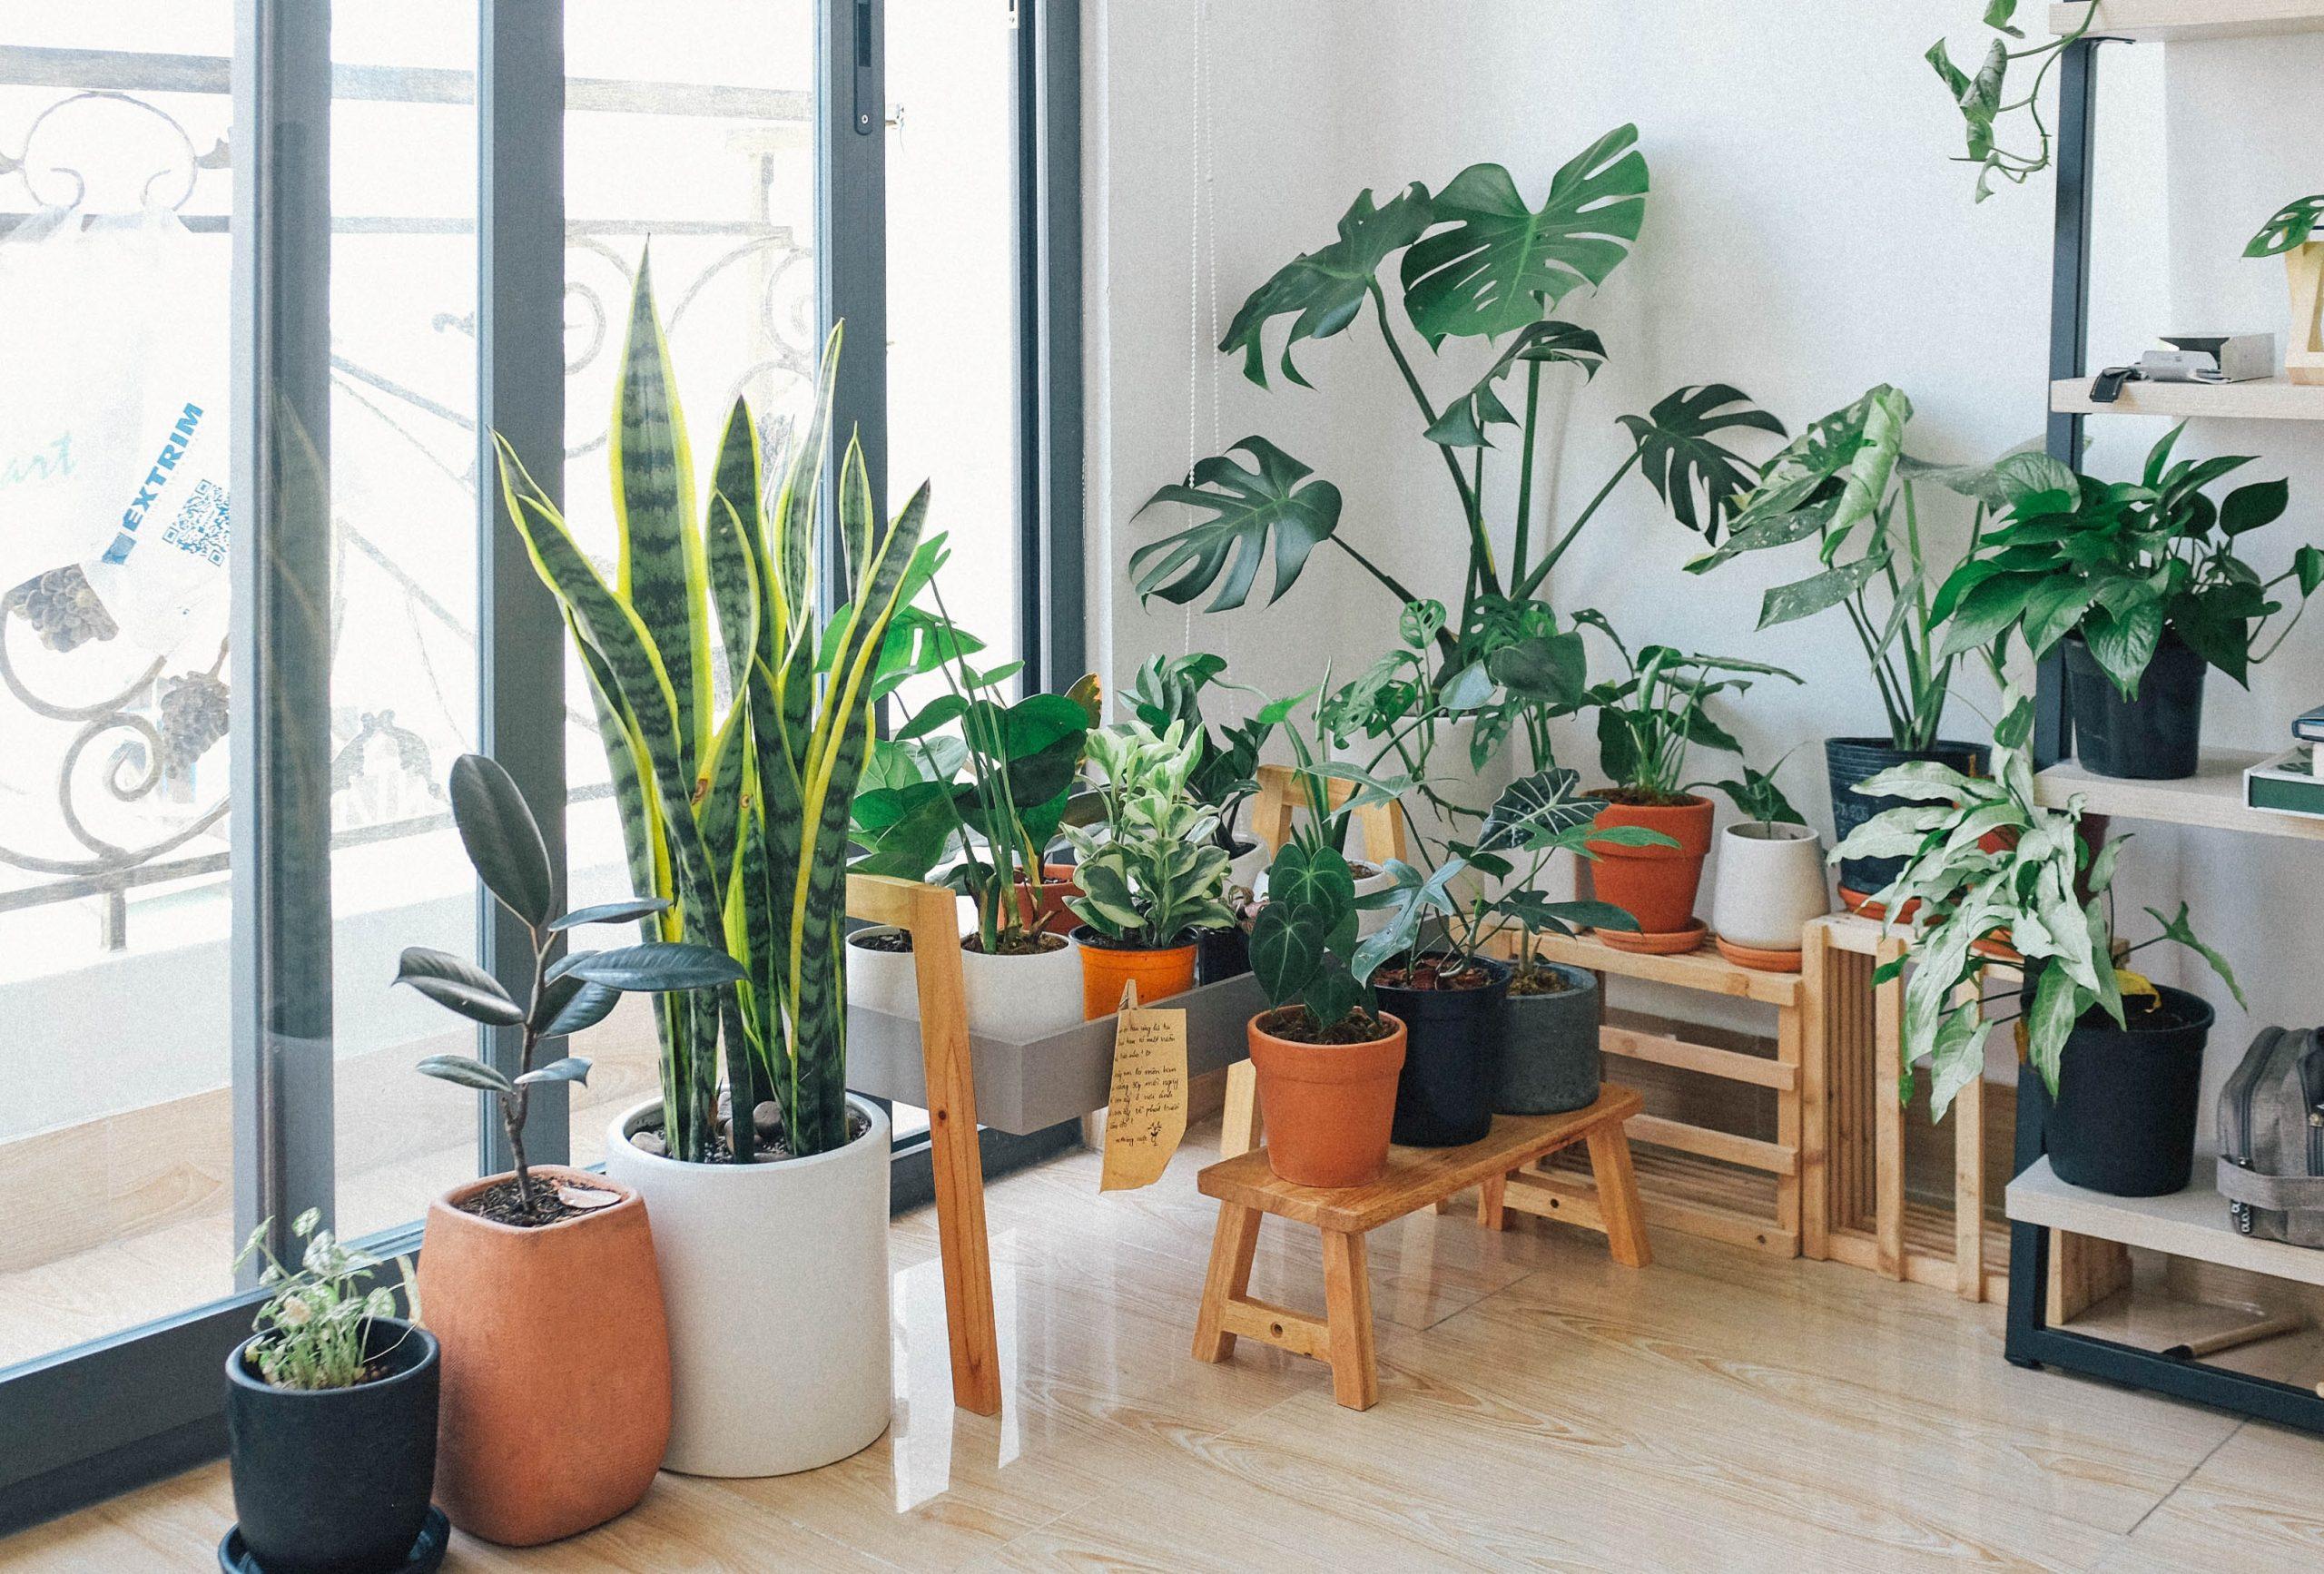 kamerplant verzameling